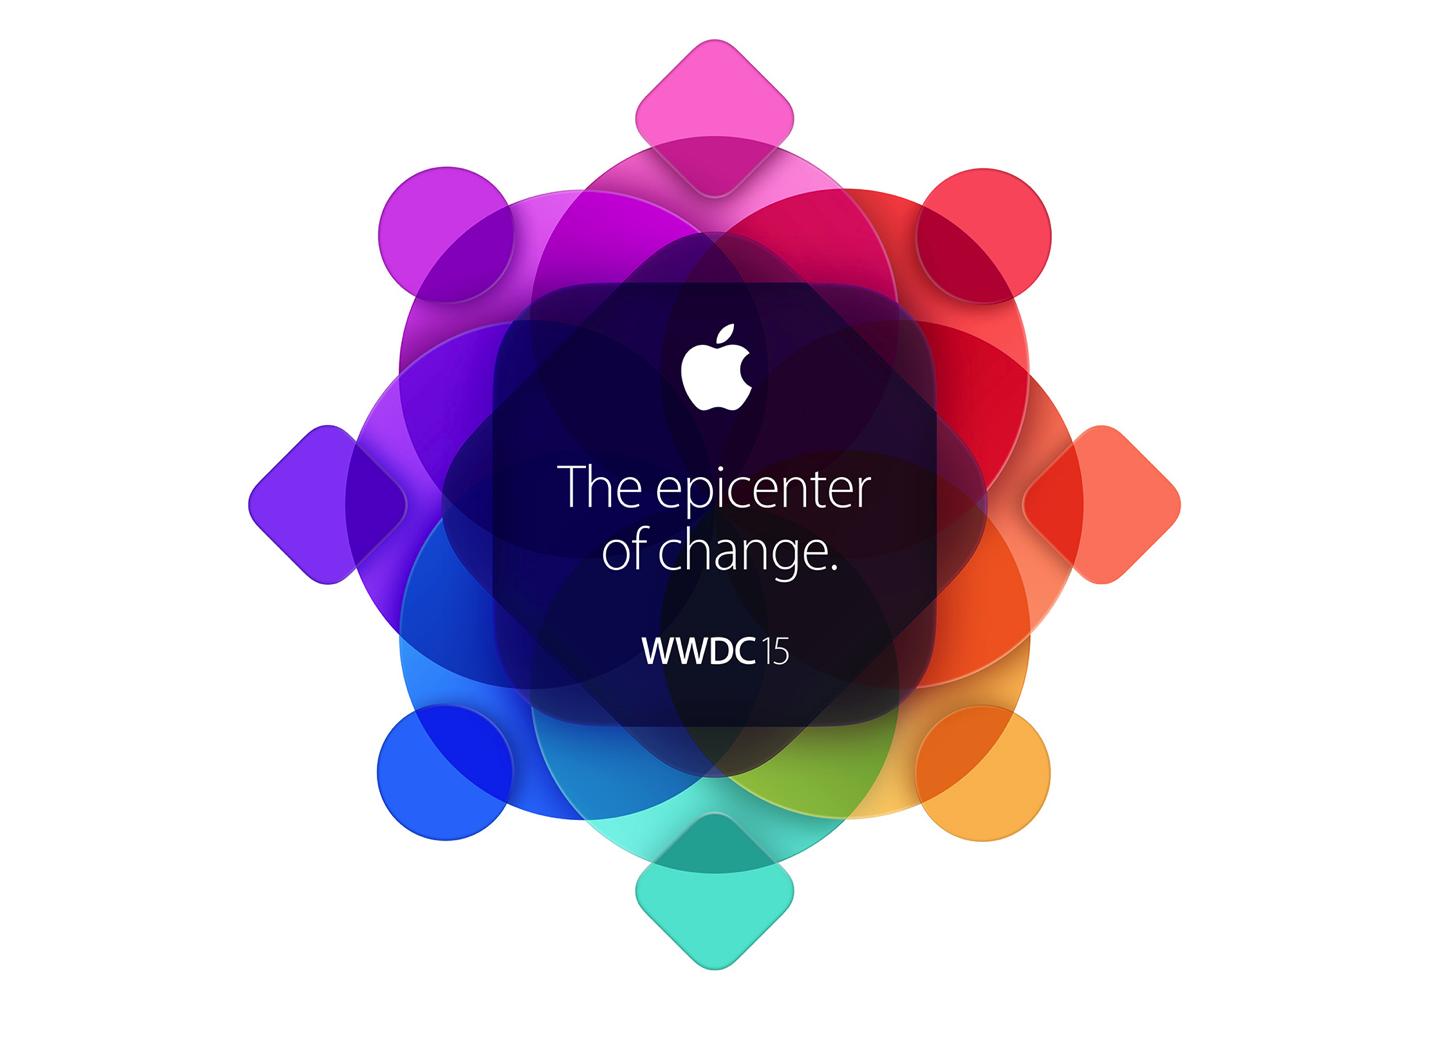 WWDC2015 Live